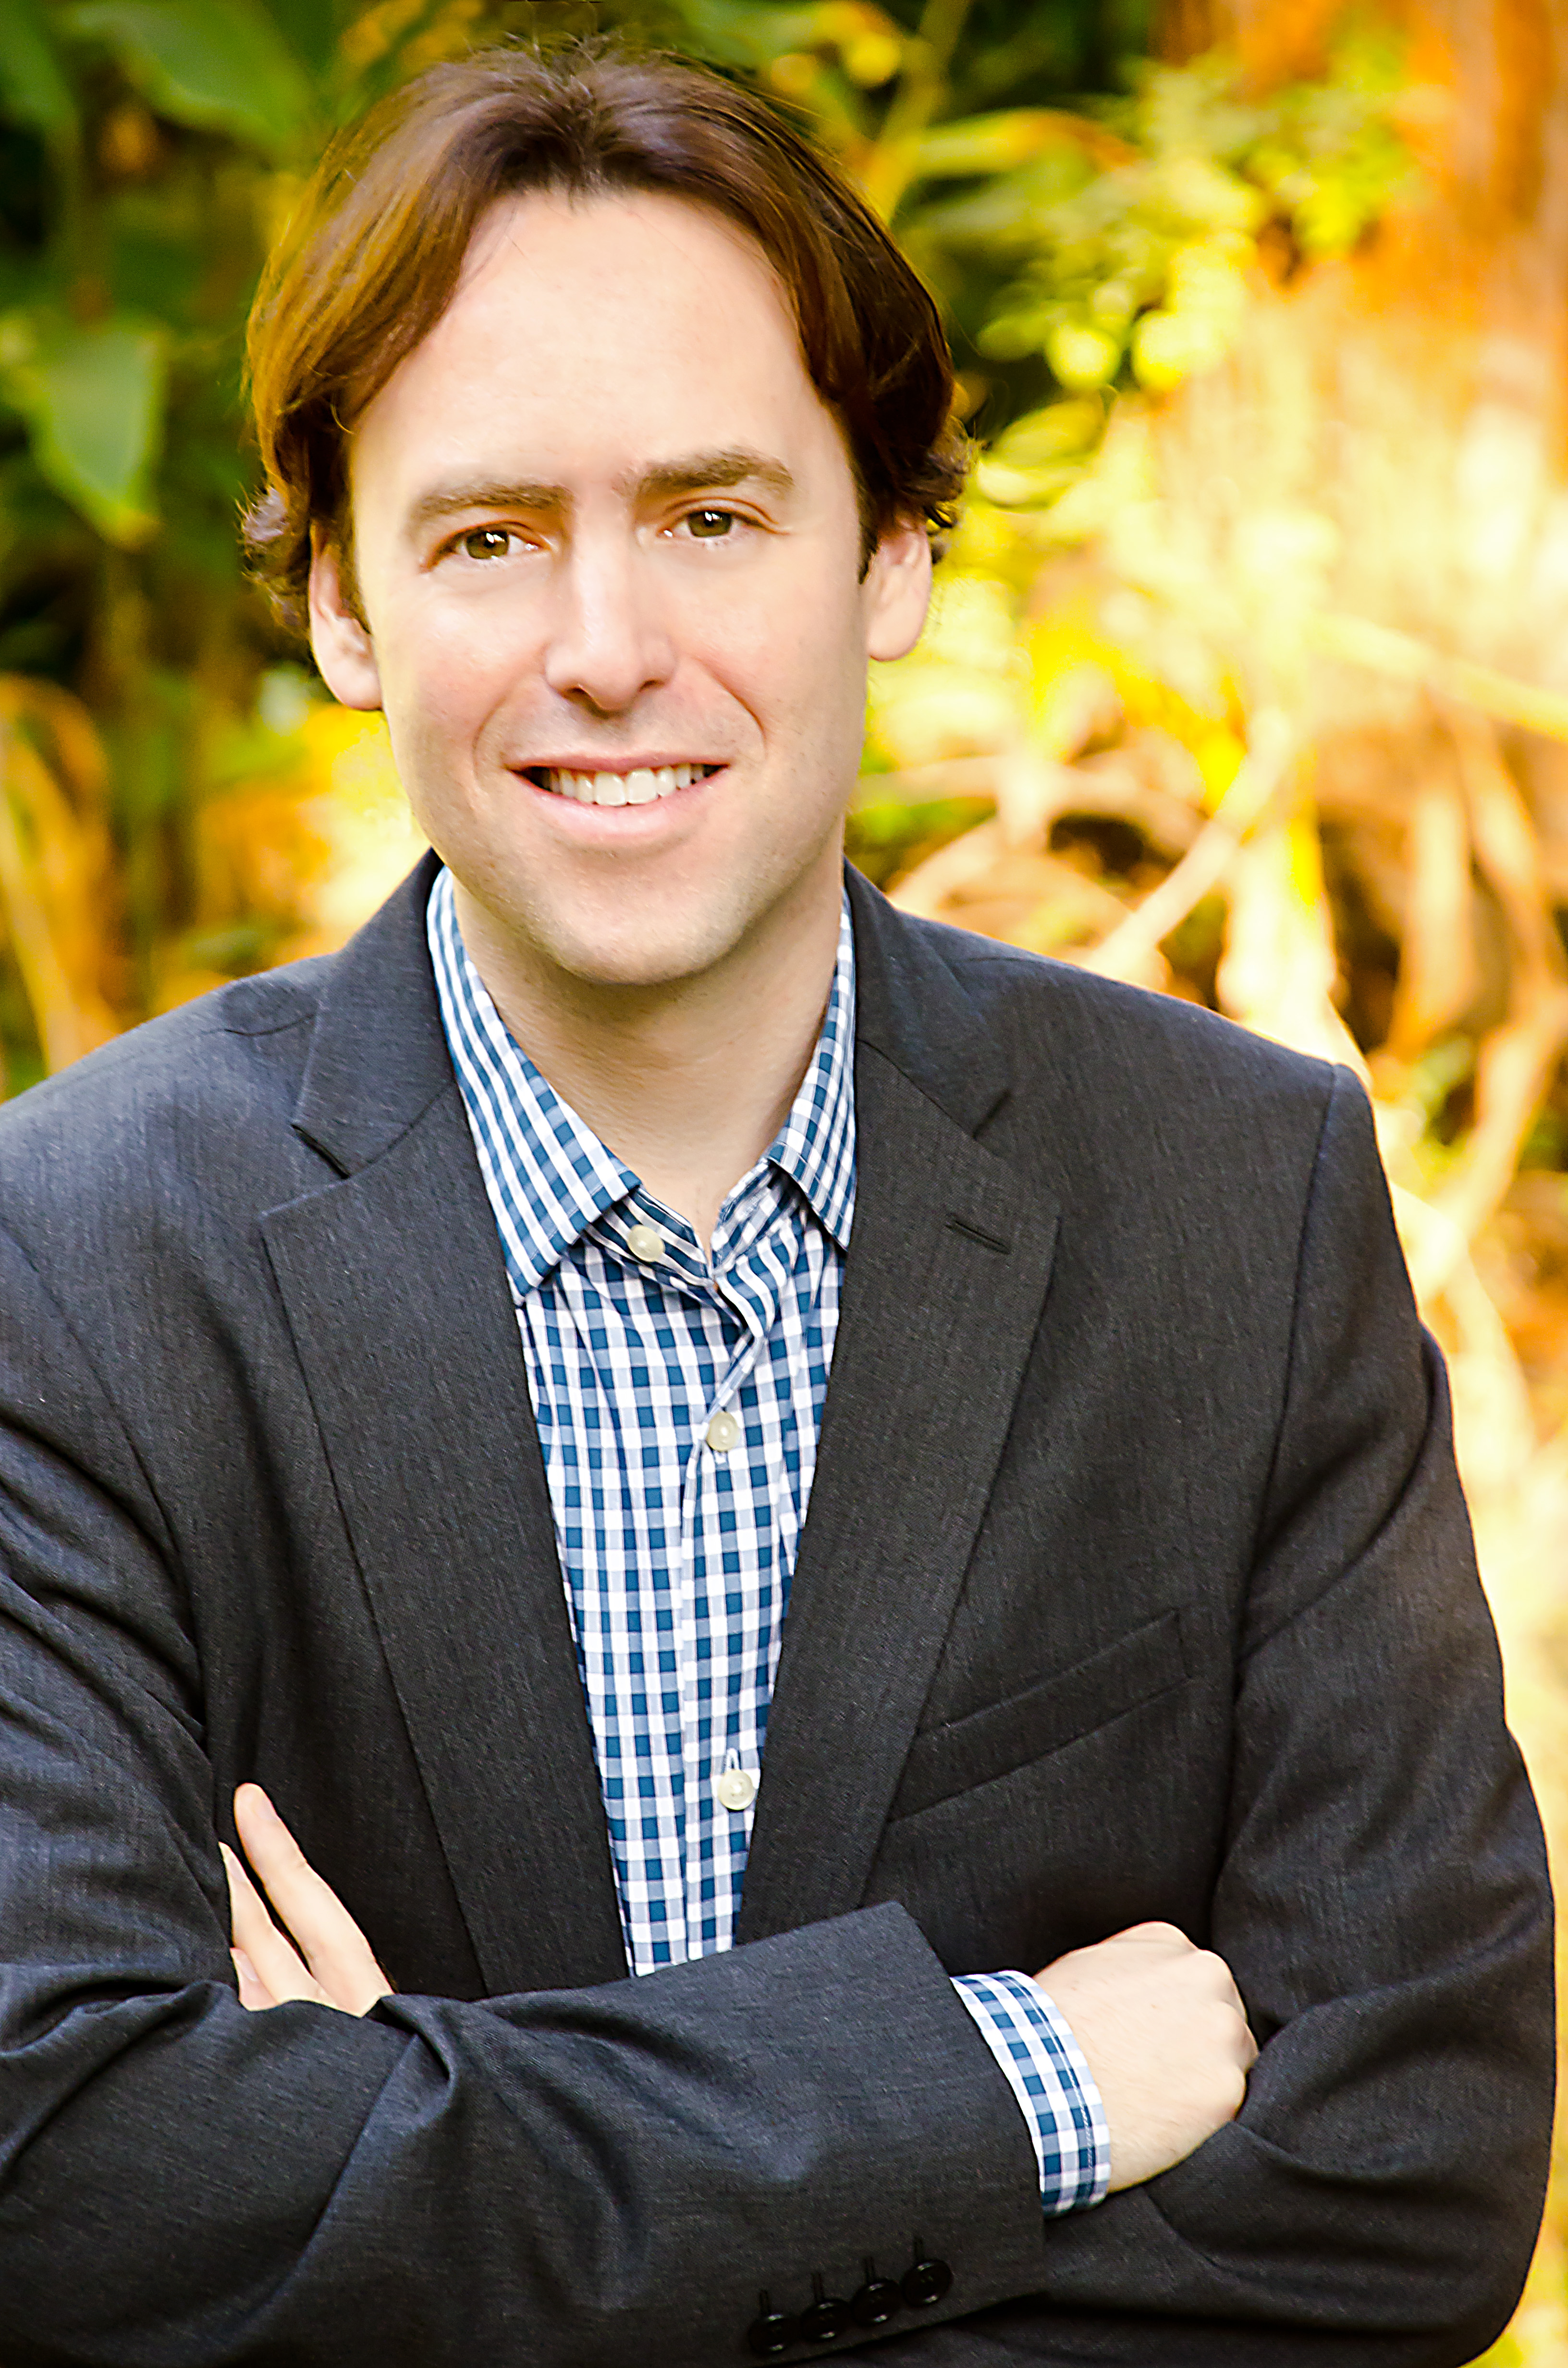 Marc Milstein